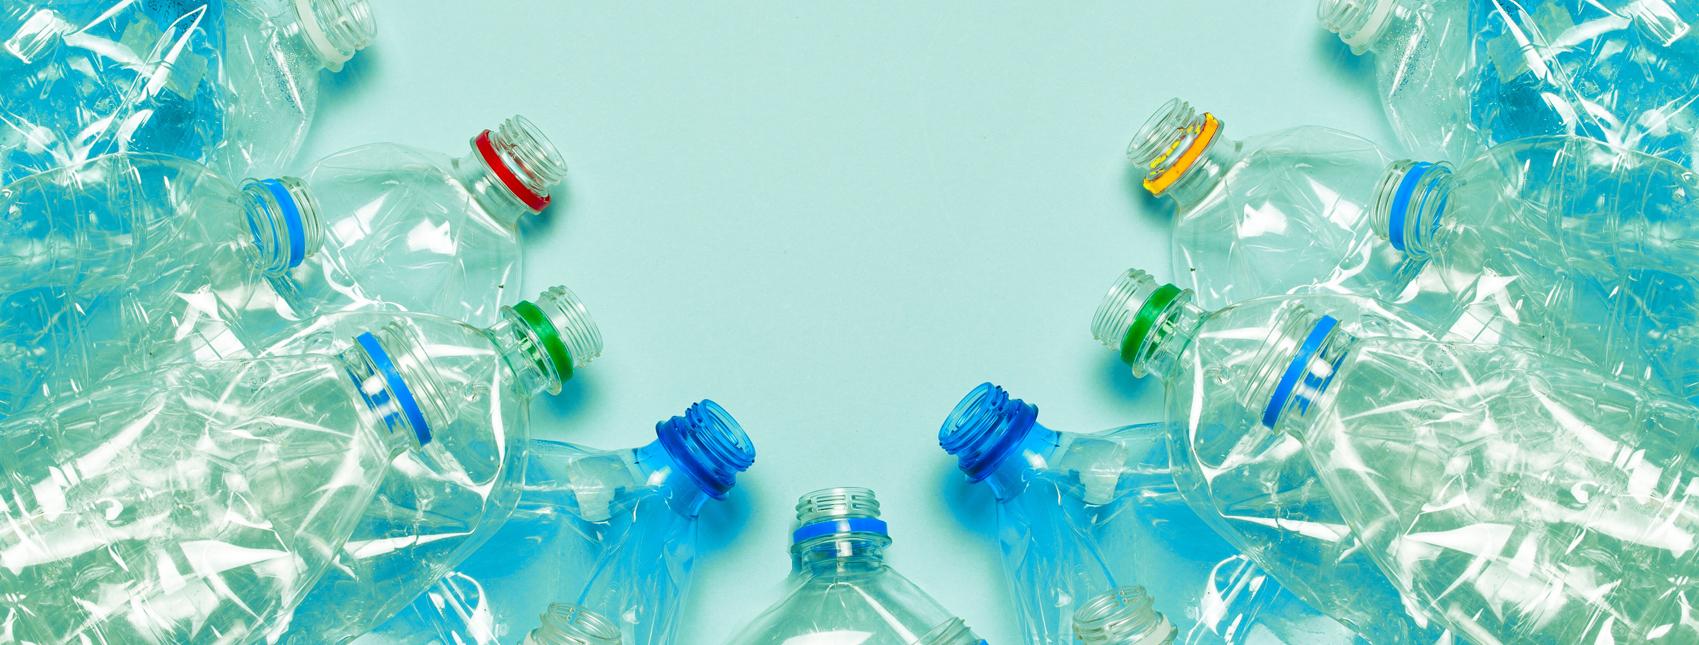 Reducir el plástico en casa